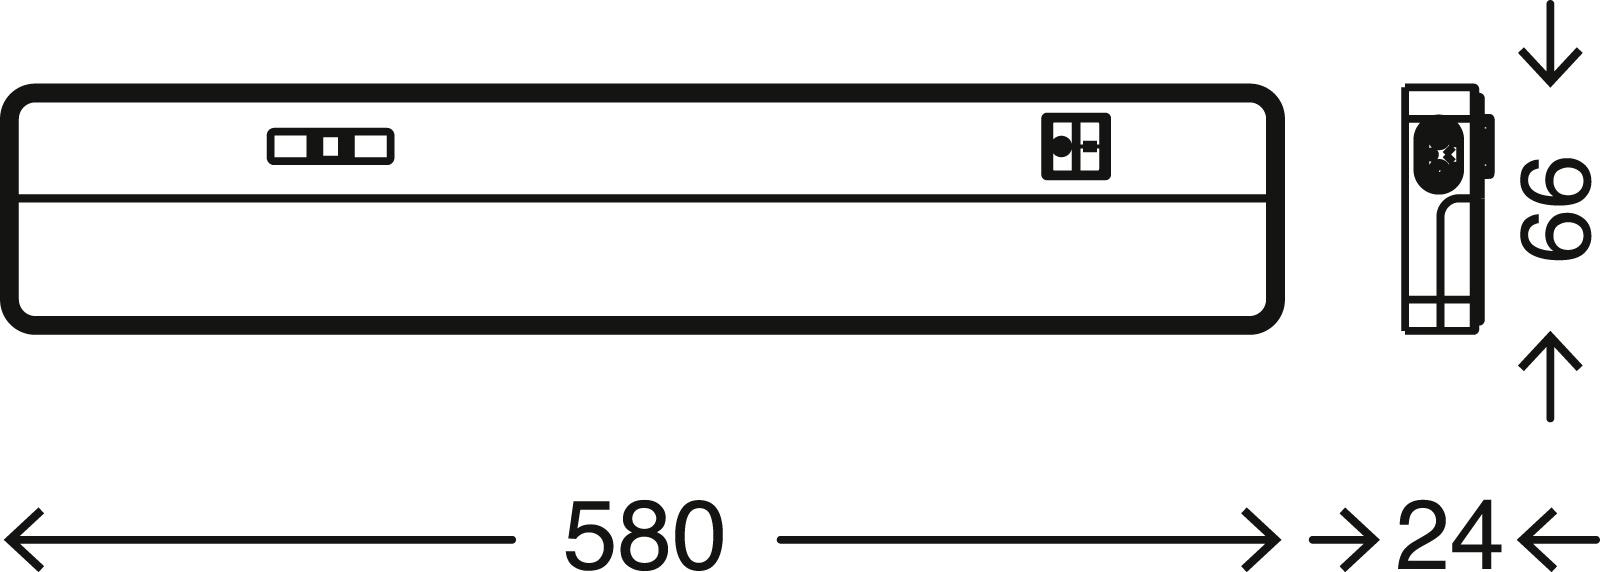 TELEFUNKEN LED Unterbauleuchte, 58 cm, 8,5 W, Weiß